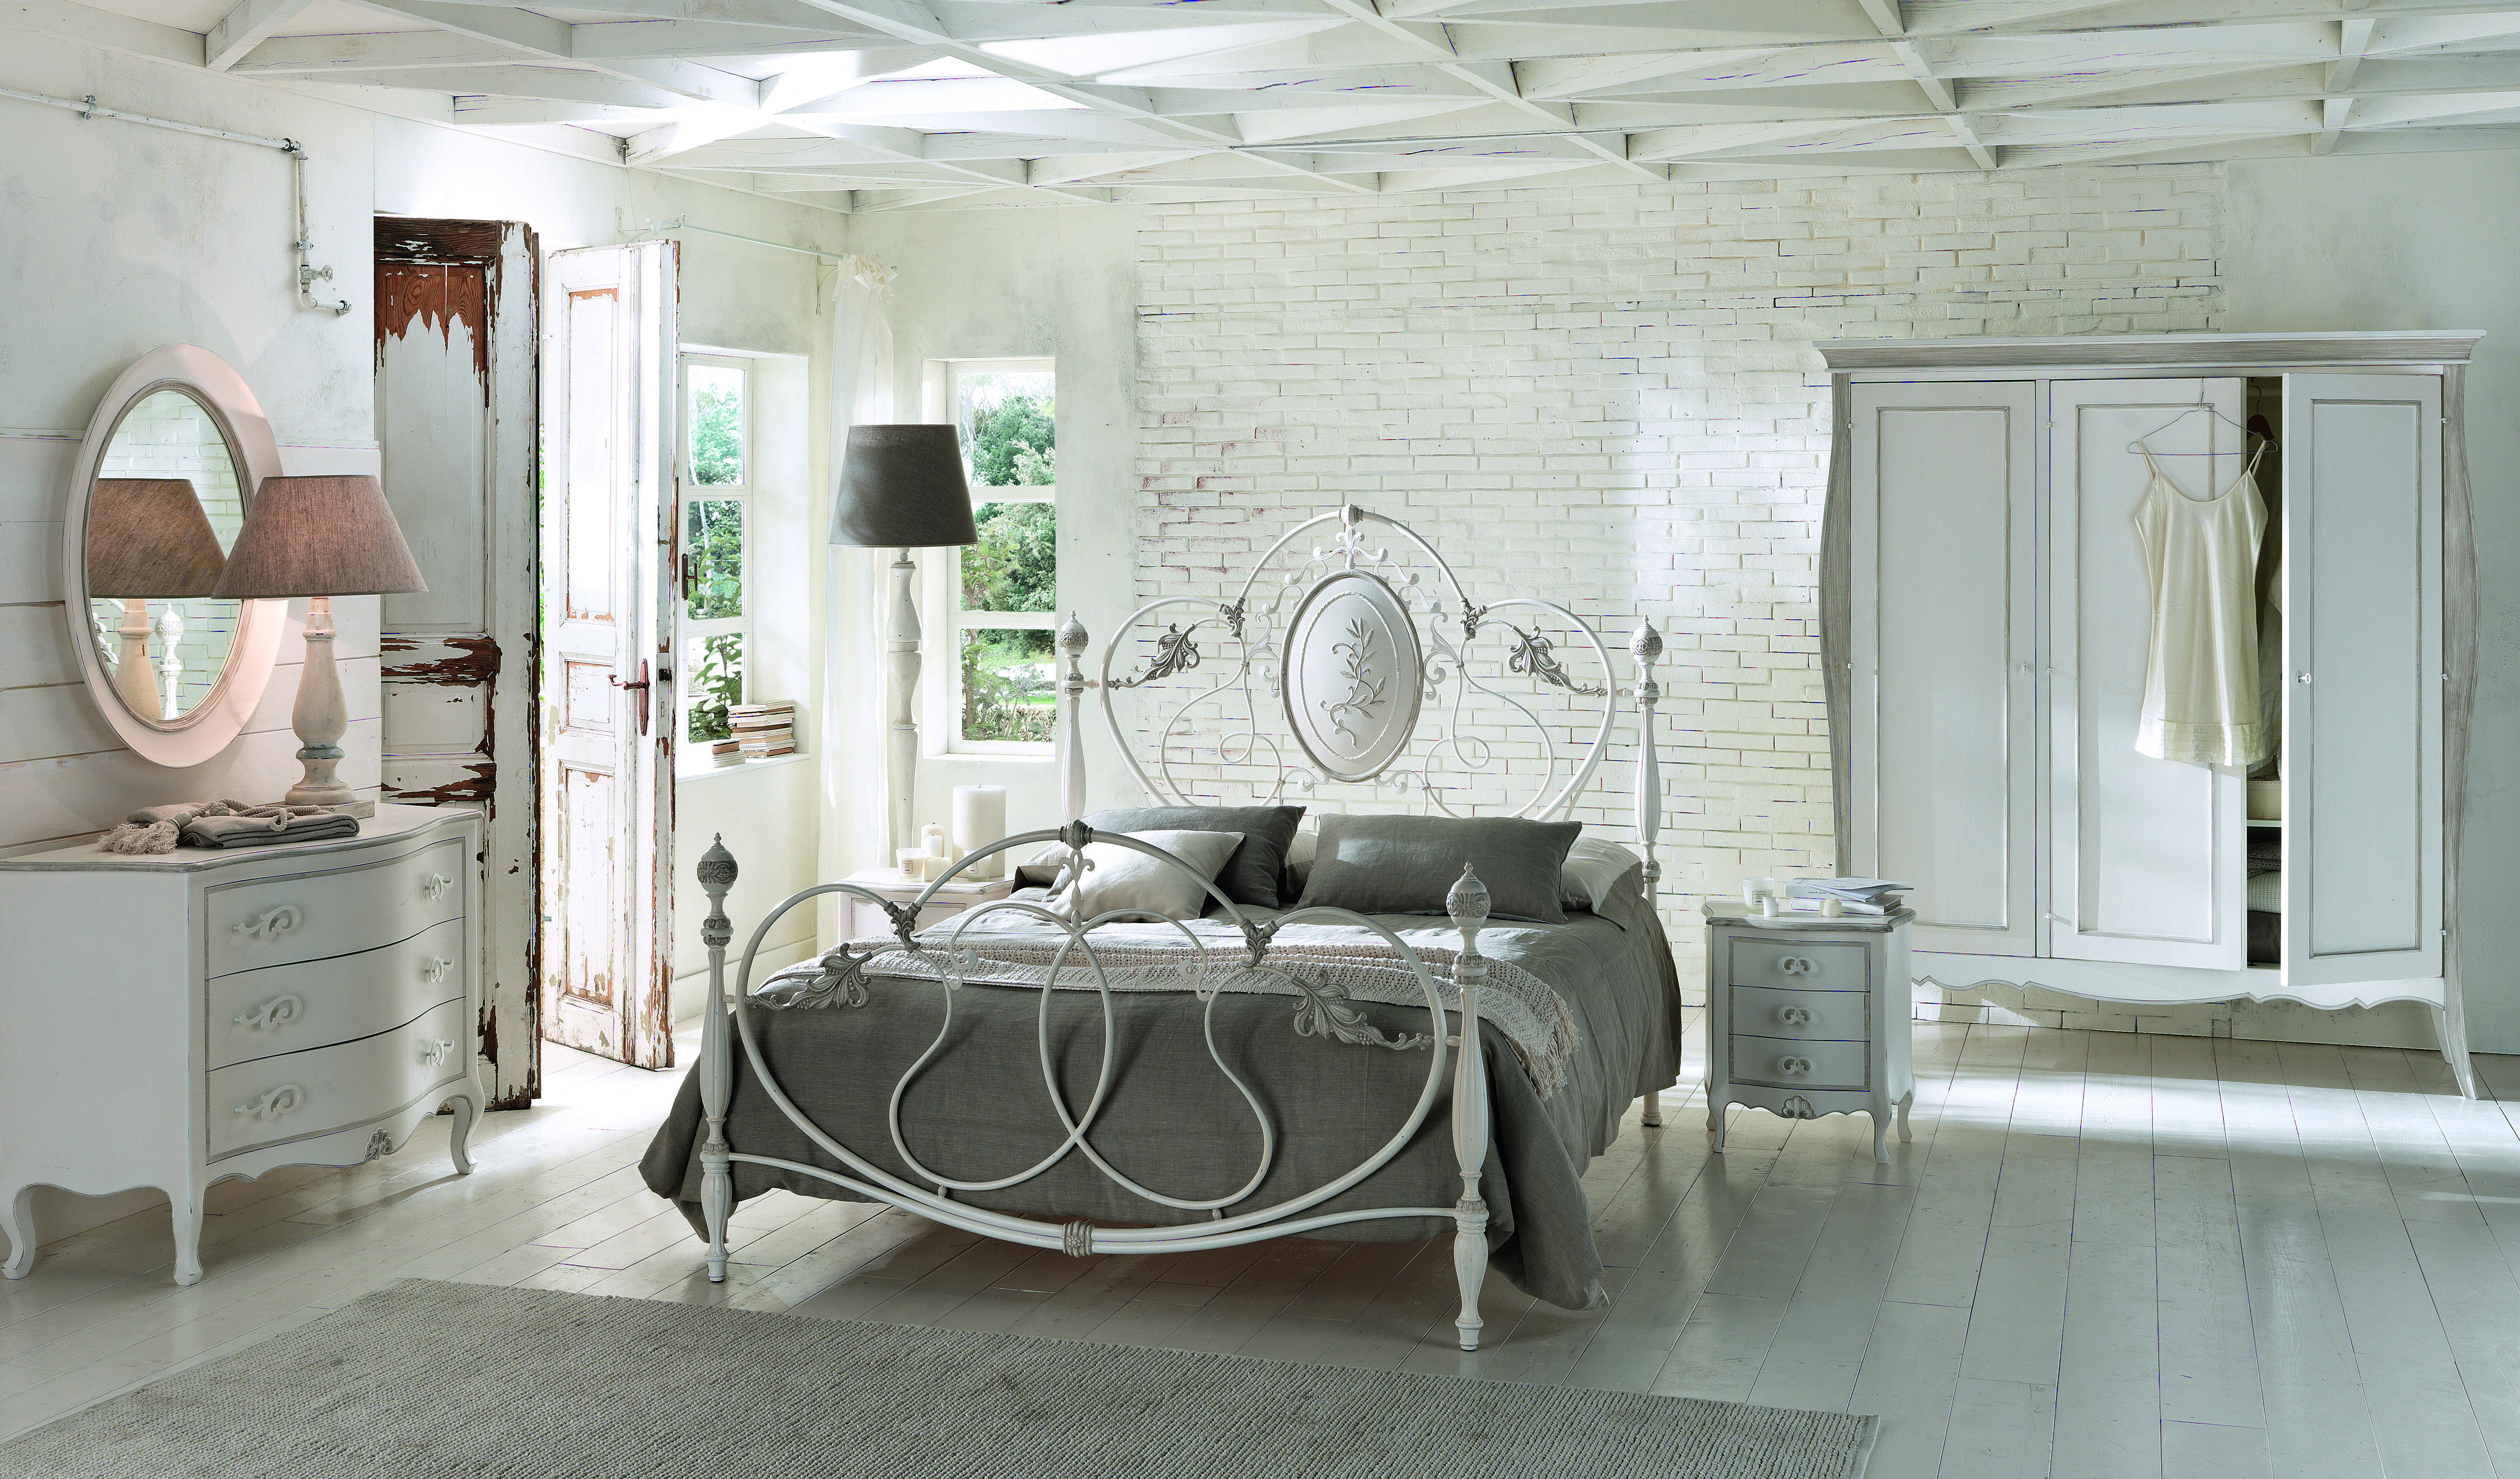 Genial Traum Schlafzimmer Galerie Von Traum-schlafzimmer, Home Design, Schlafzimmermöbel, Shabby Chic Lounge,